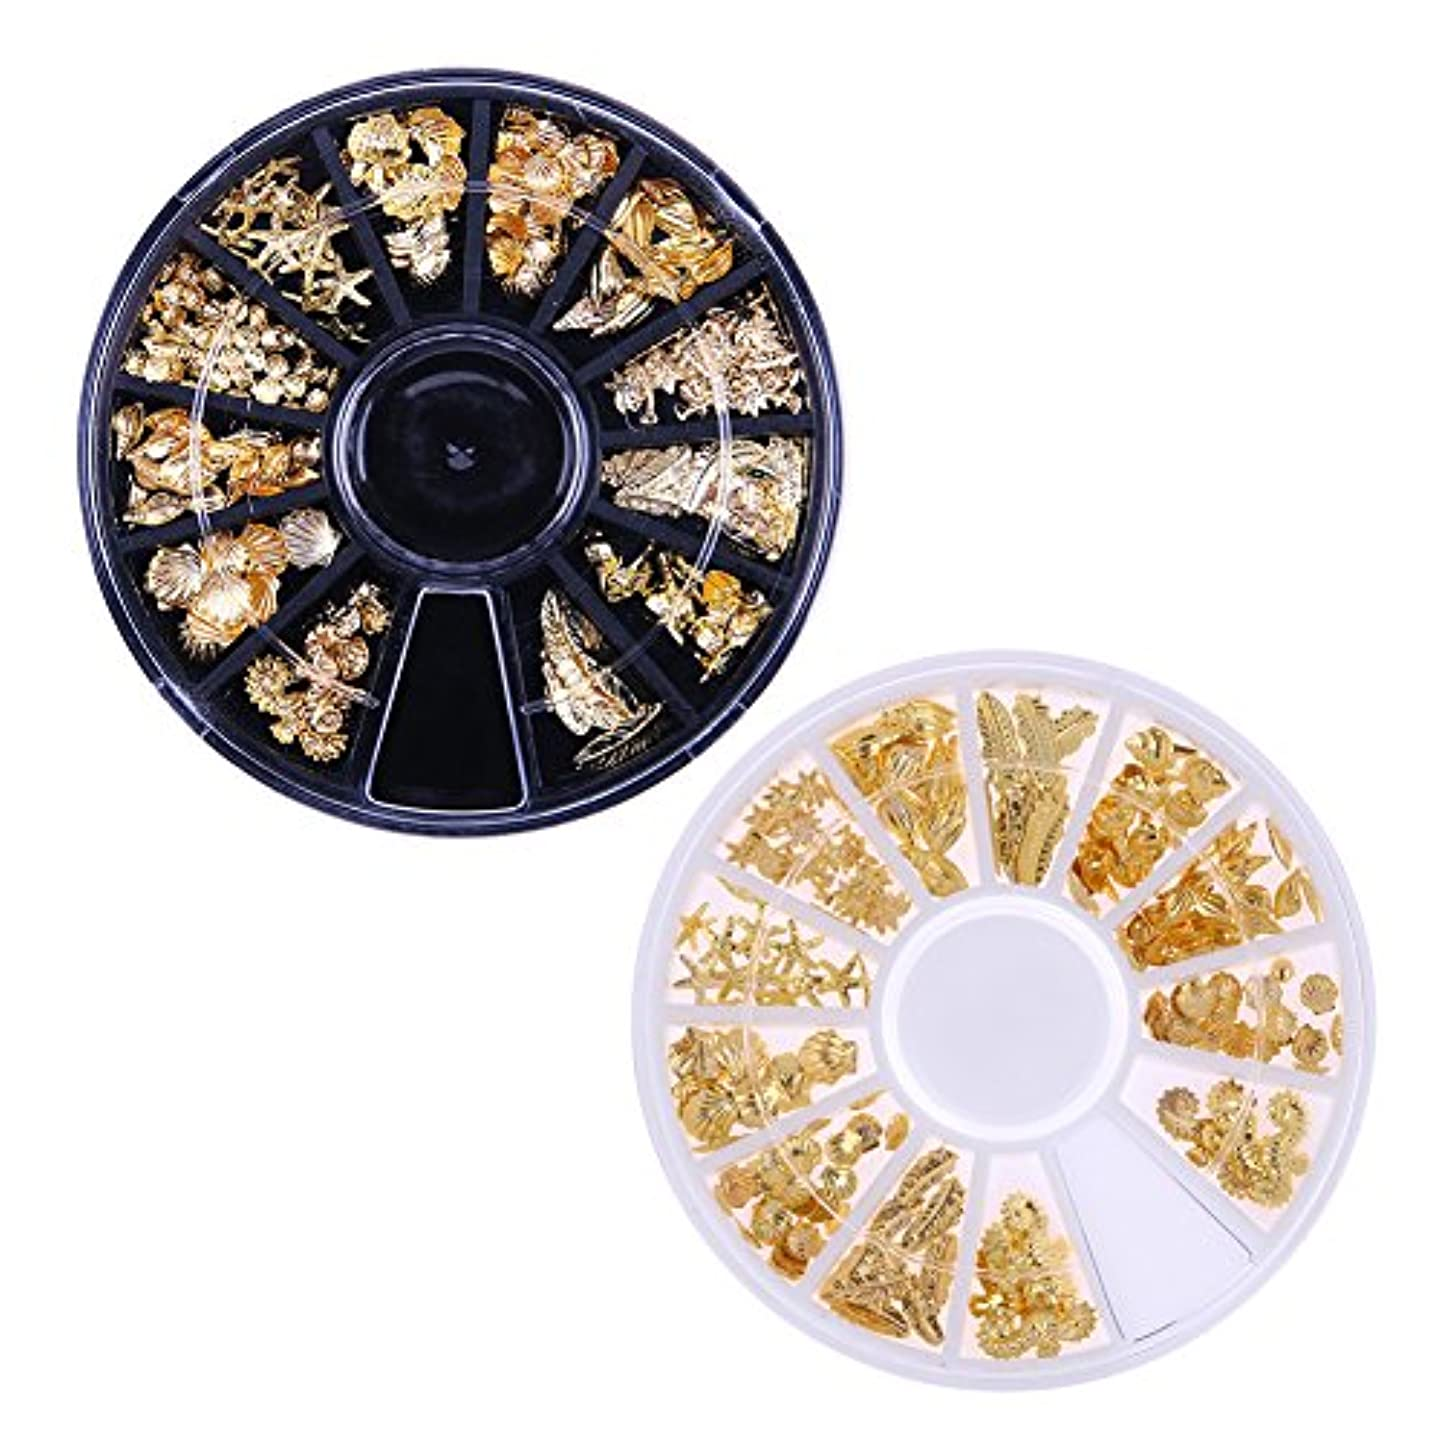 協会癒す変位Demiawaking 3D ネイルパーツ メタル ゴールド 海テーマ(貝殻/海馬/海星など) 12種形 ネイルデコレーション ラウンドケース入リ 2ケース